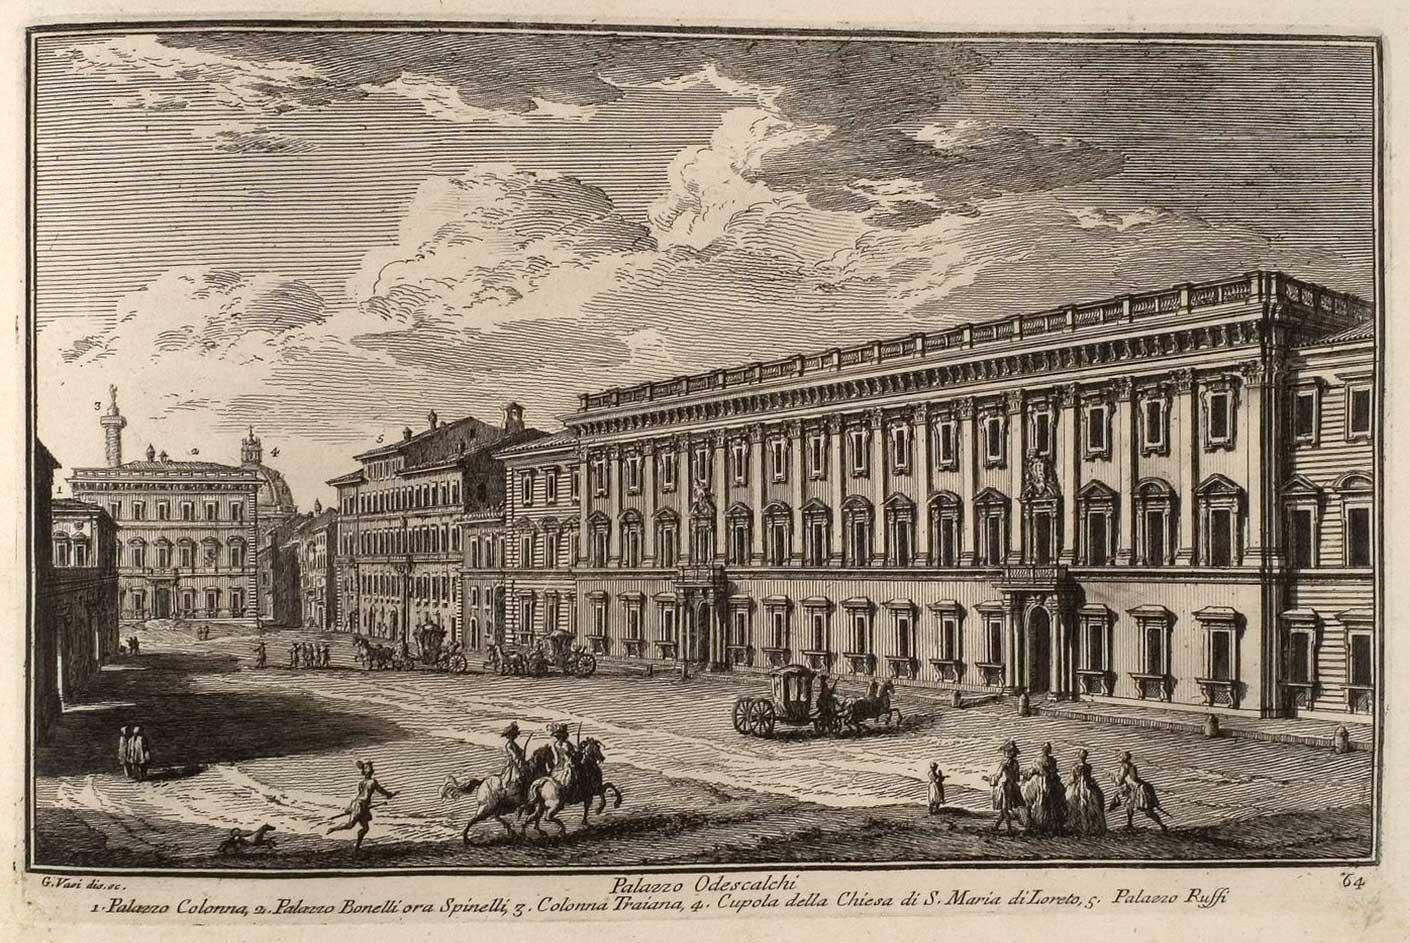 Ancienne illustration de la place avec le Palazzo Colonna, le Palazzo Bonelli Spinelli (aujourd'hui Valentini), Colonna Traiana, S. Maria di Loreto et le Palazzo Ruffi à Rome.